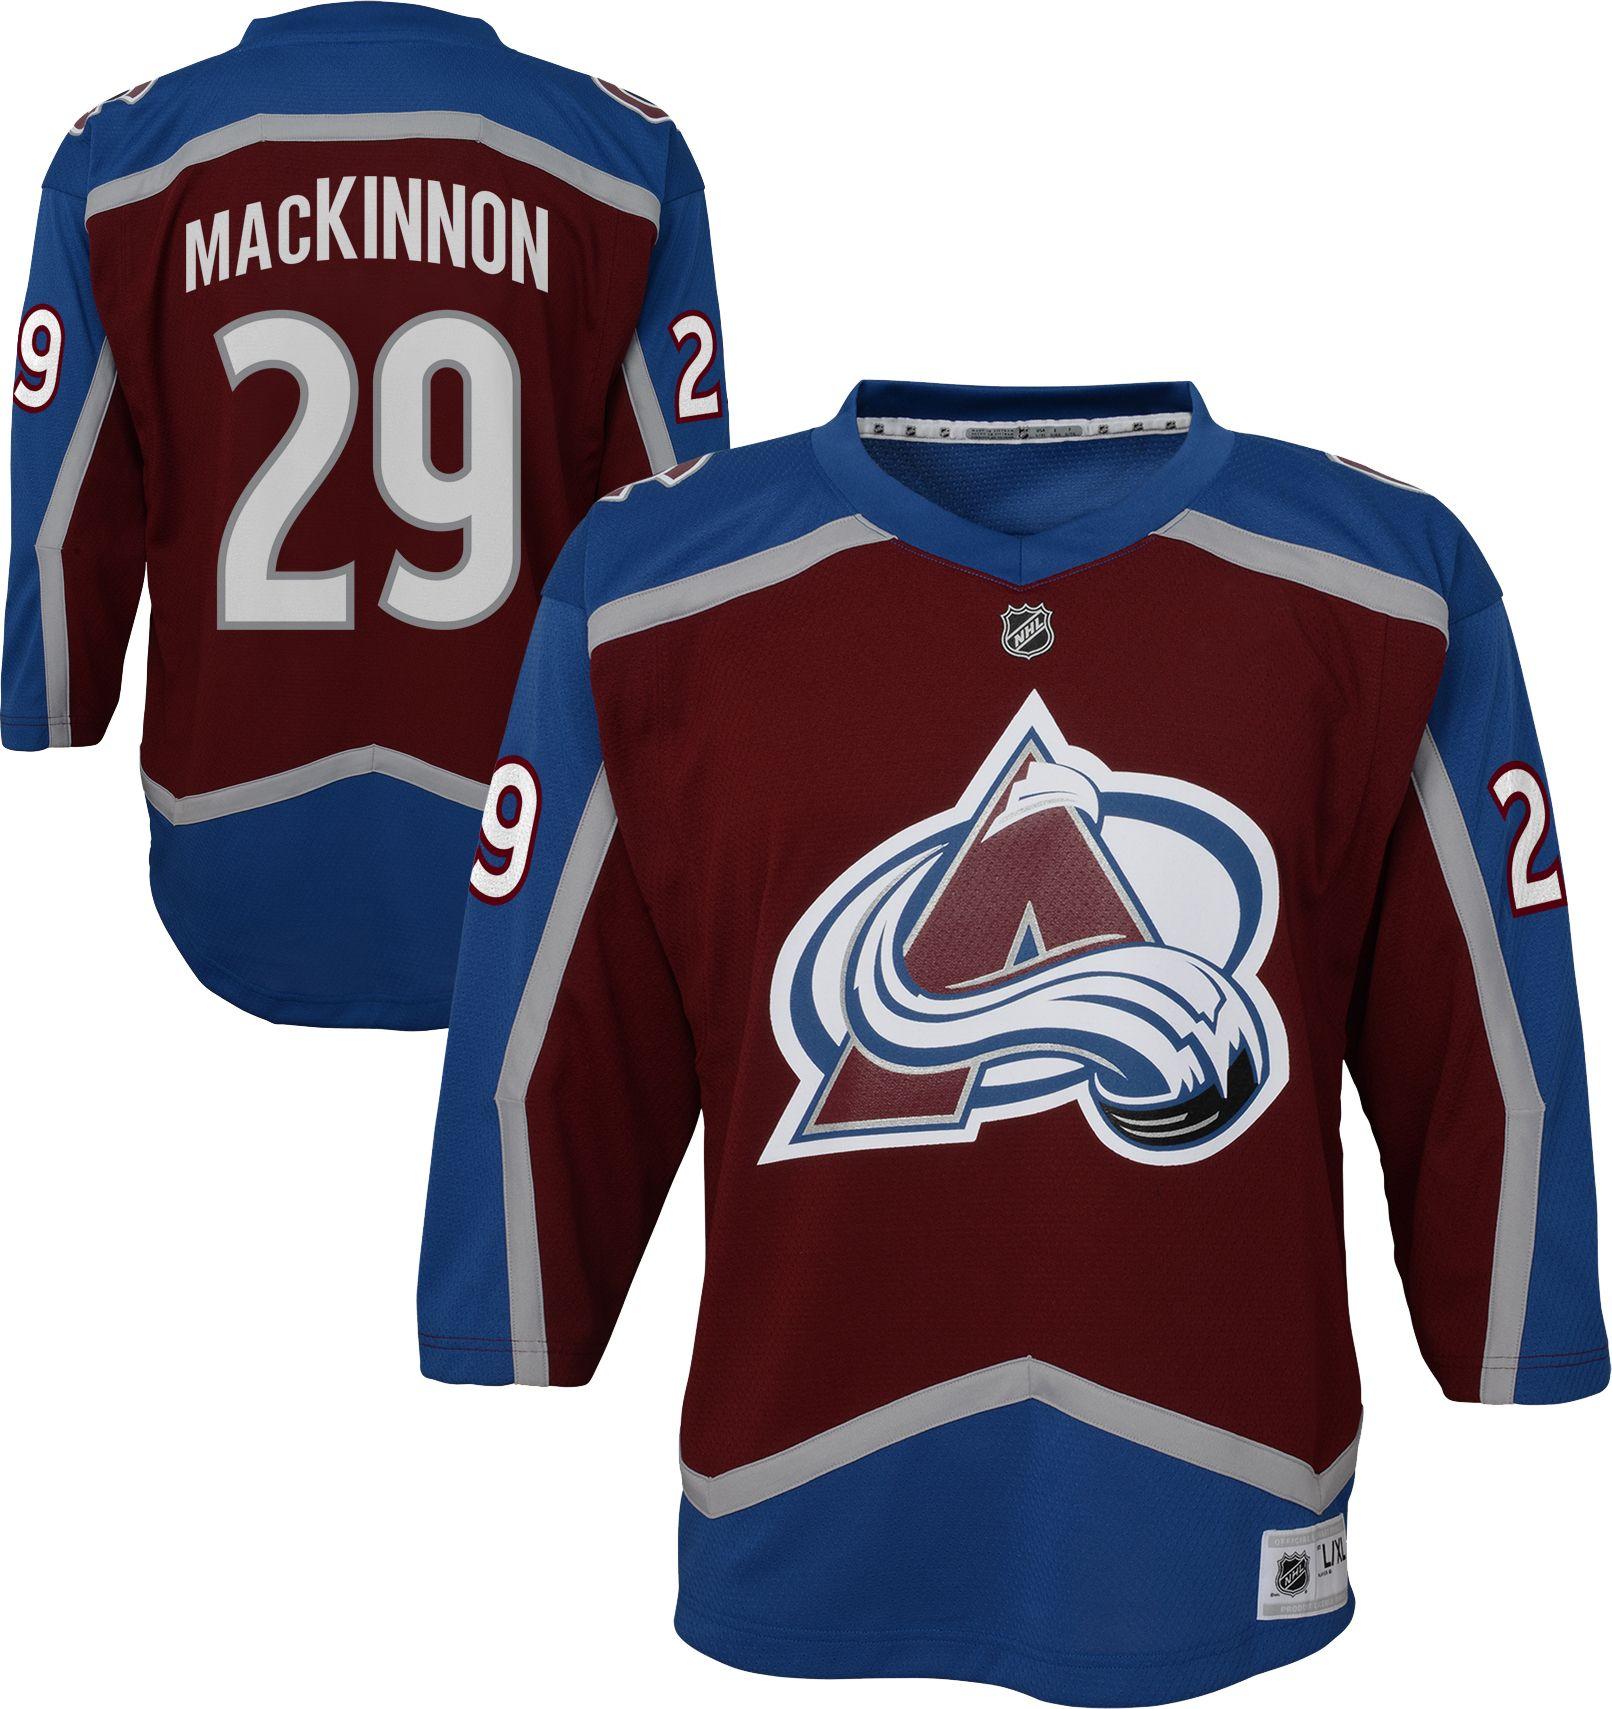 54134e2c5fb ... sale nhl youth colorado avalanche nathan mackinnon 29 replica home  jersey 4d49b 14a0e